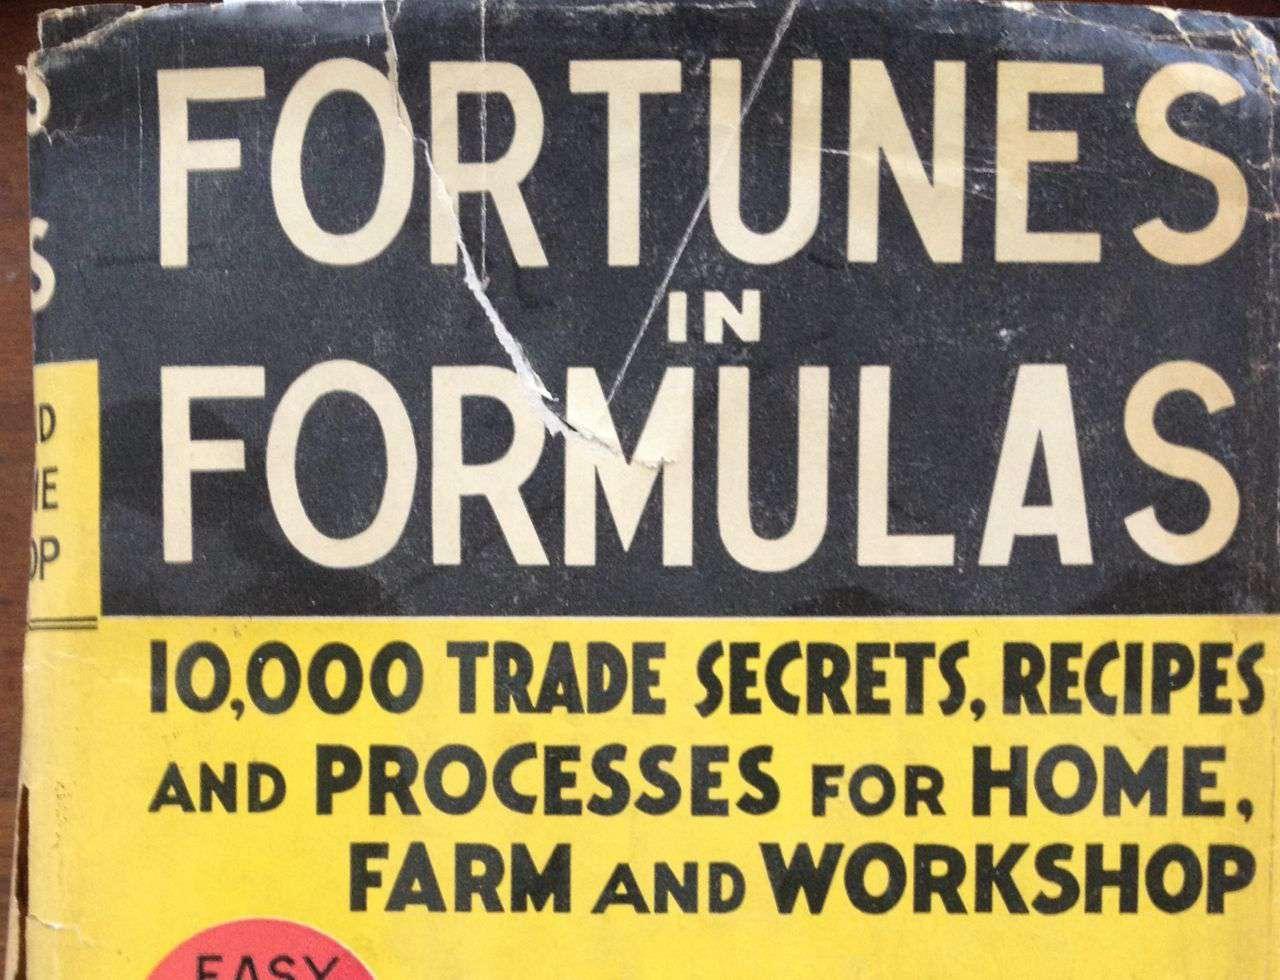 Vintage label reading